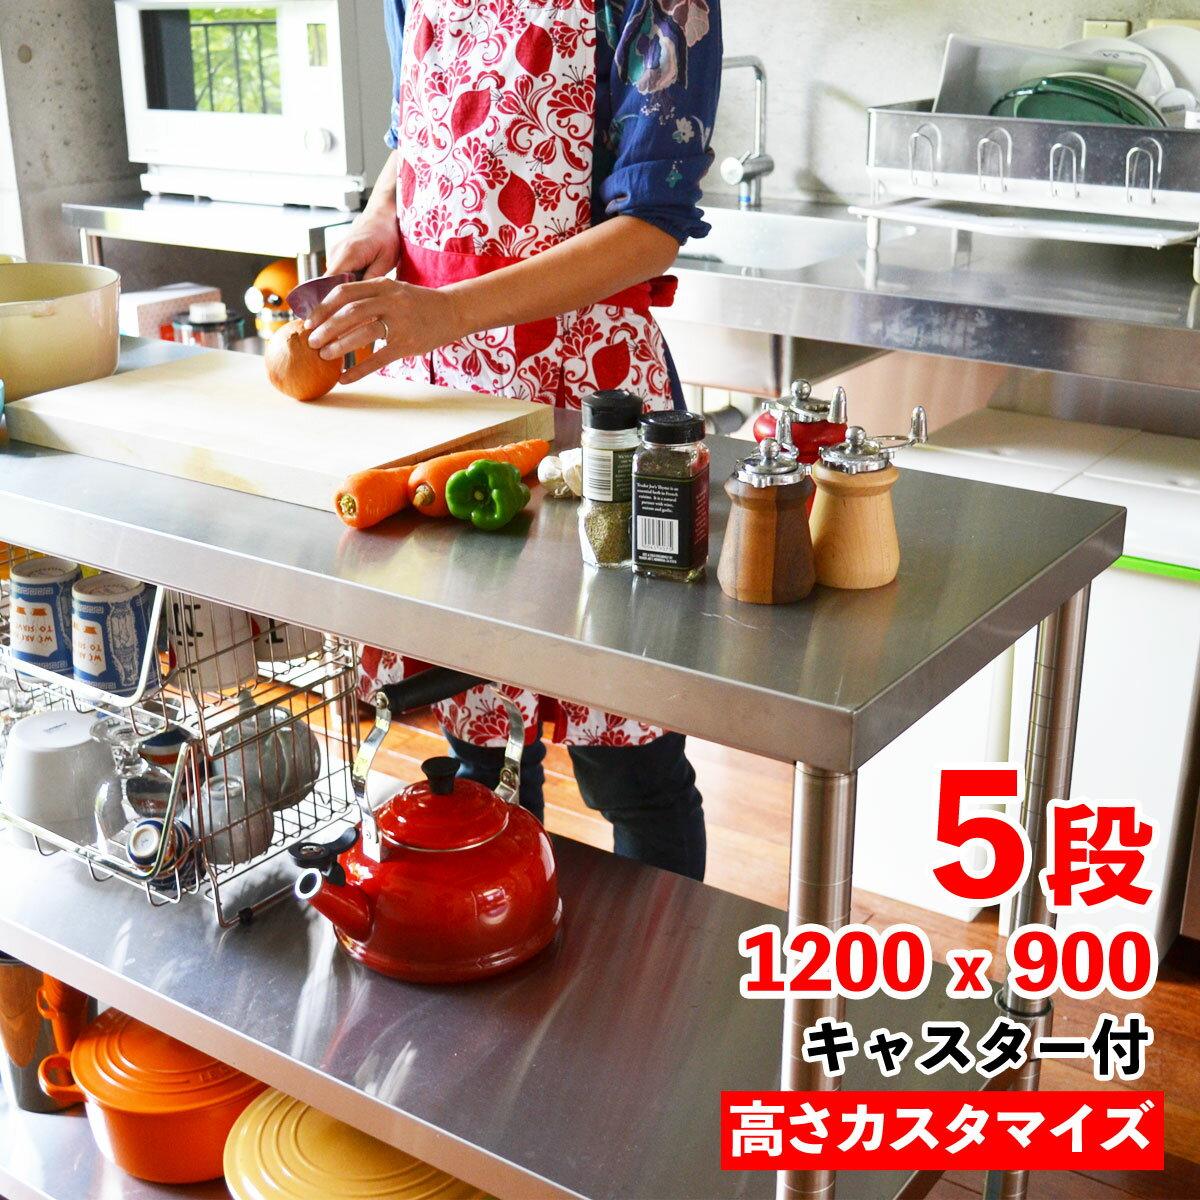 業務用厨房用品, 厨房用作業台 3000 1200mm x 900mm